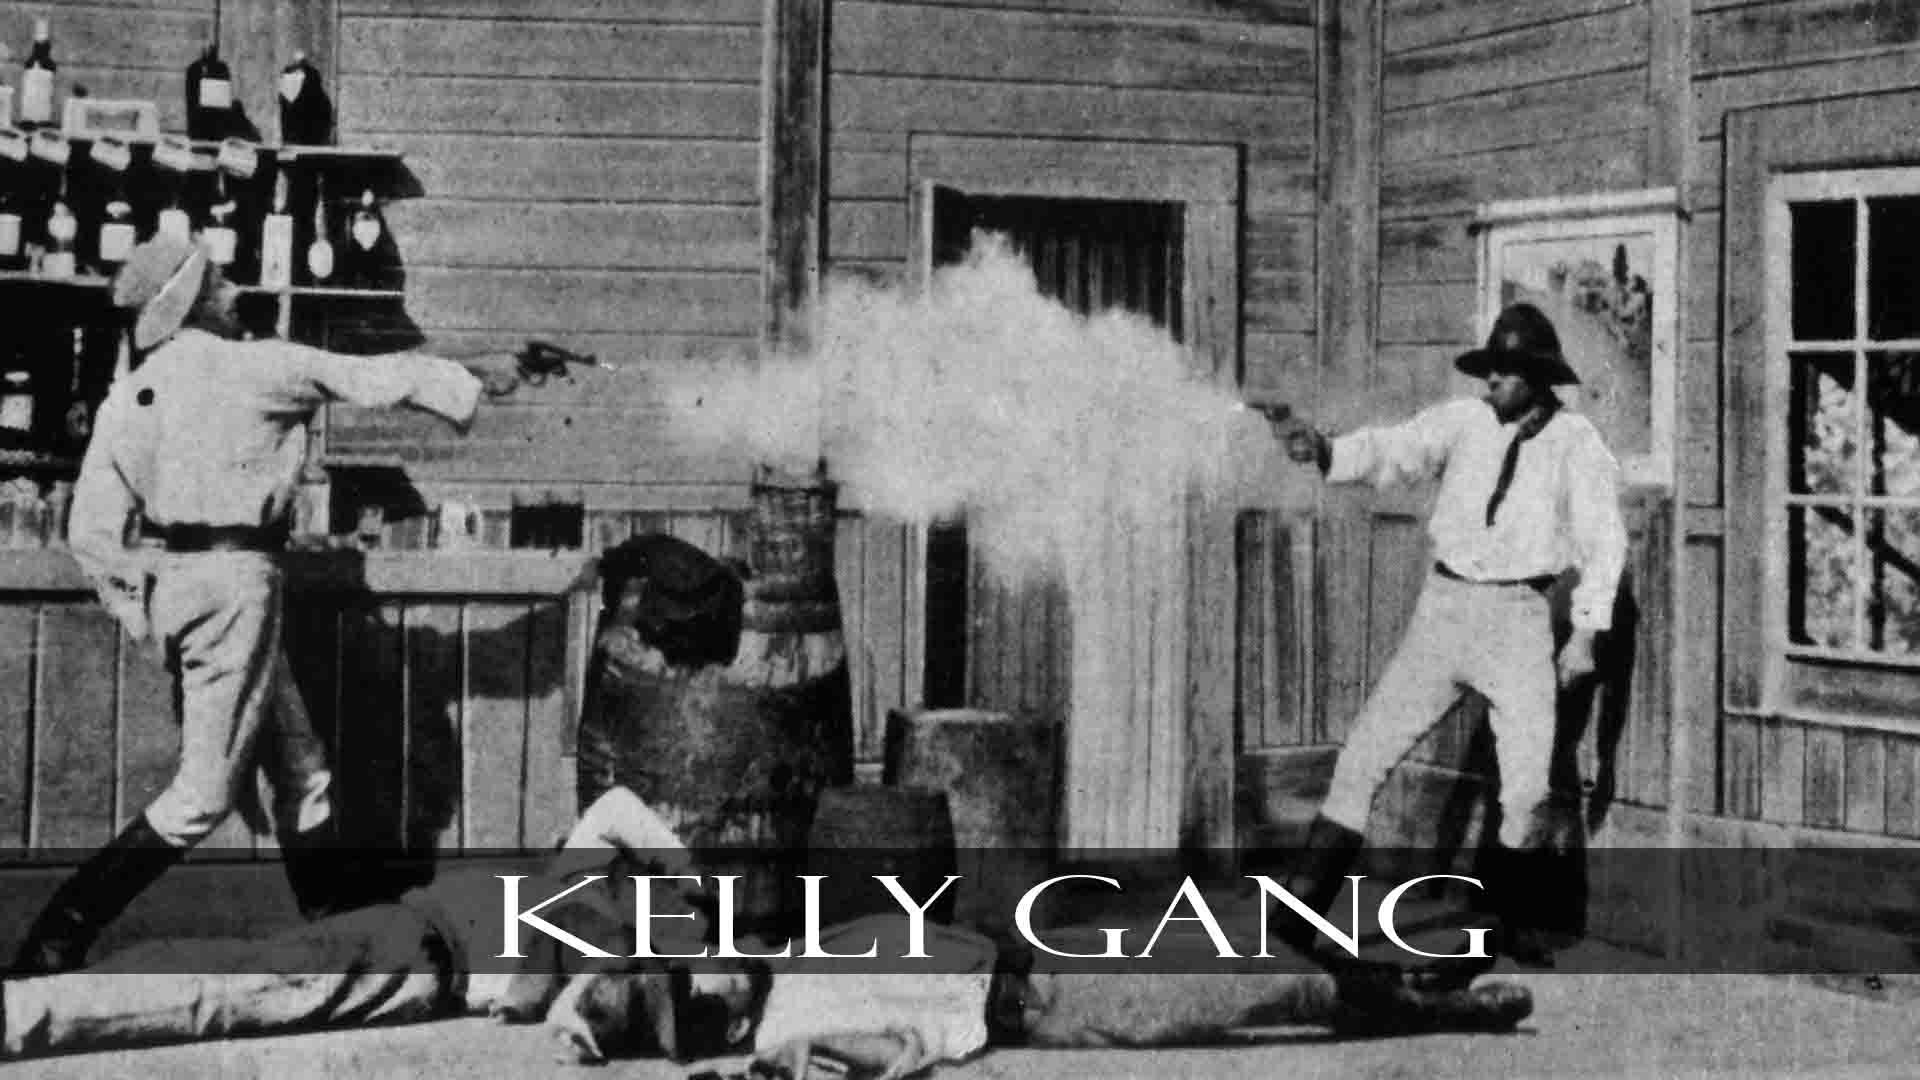 Kelly gang front foot firing